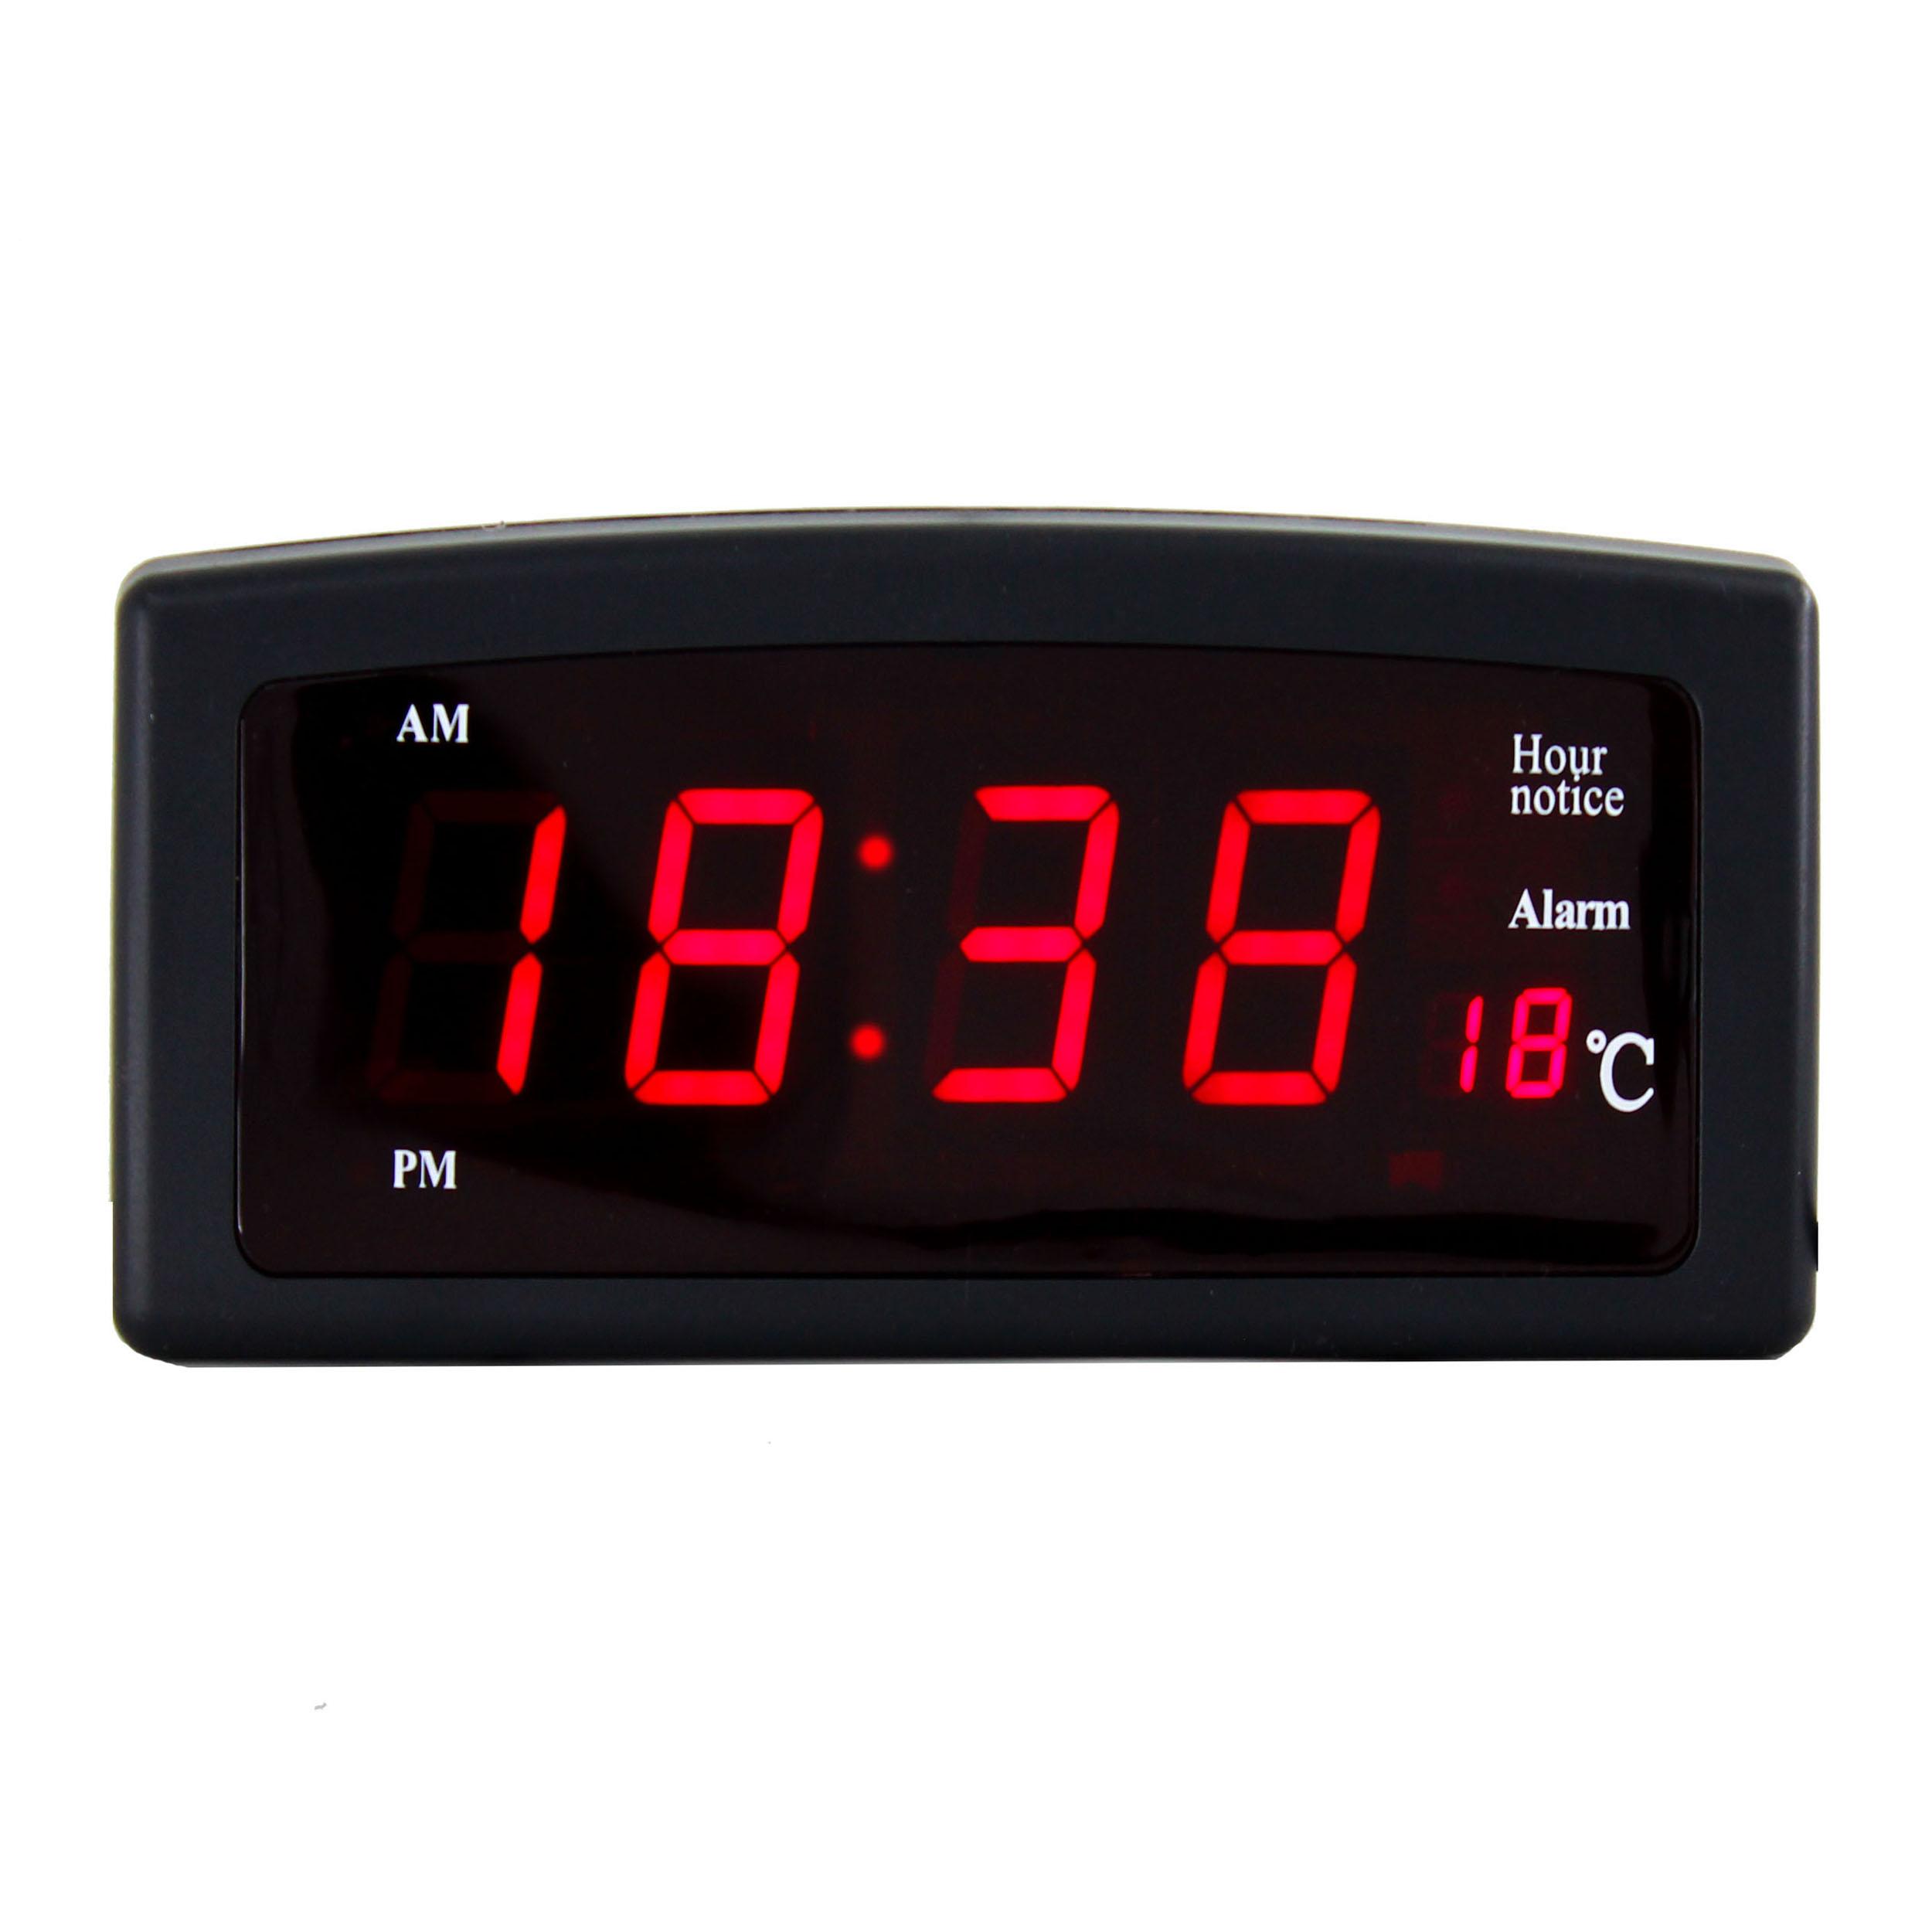 ساعت رومیزی کایزینگ مدل 818